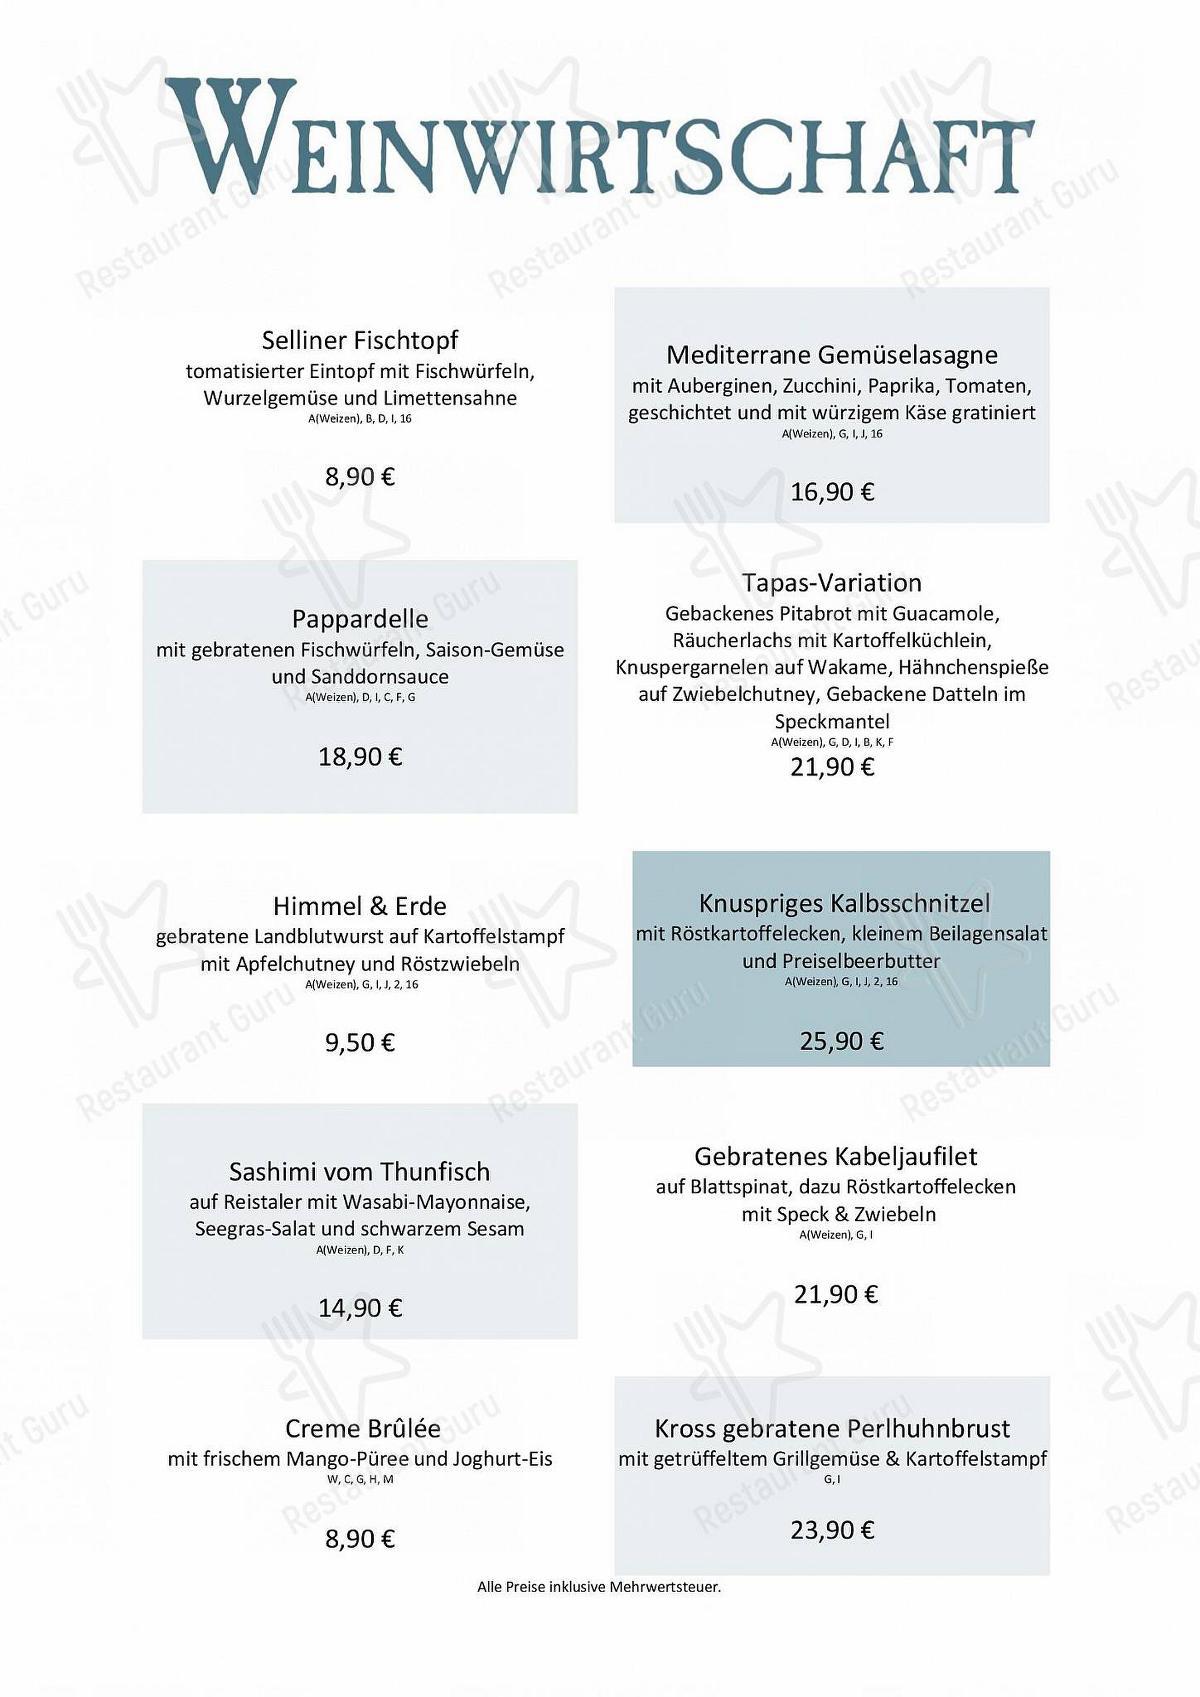 Menu pour Weinwirtschaft - plats et boissons